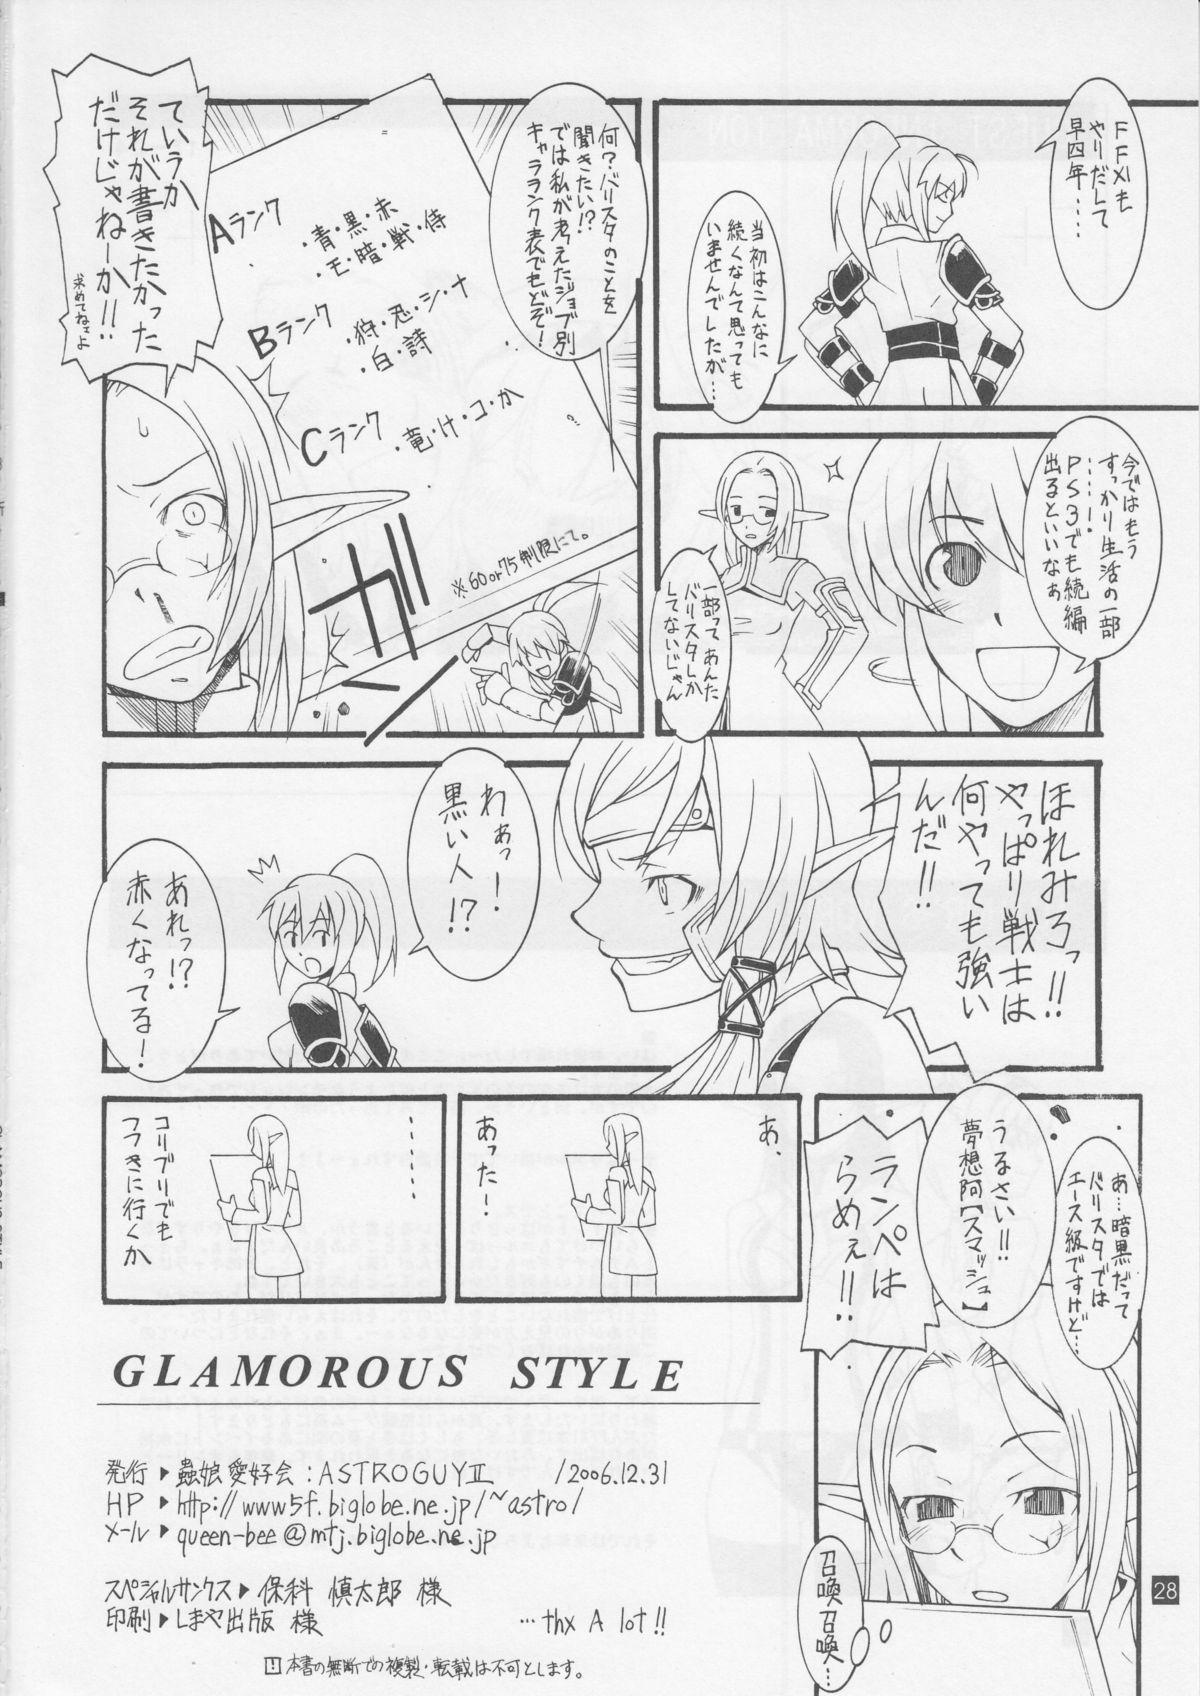 GLAMOROUS STYLE 28